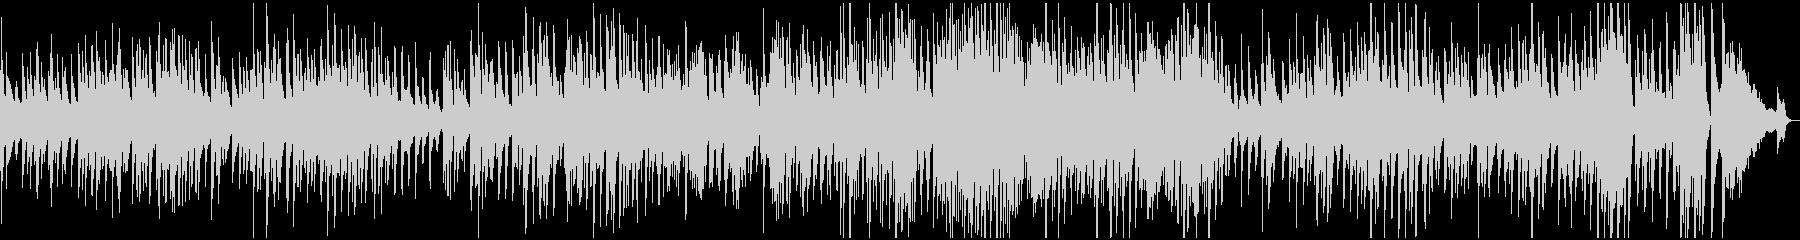 ゆったりとしたソロピアノブルース。...の未再生の波形